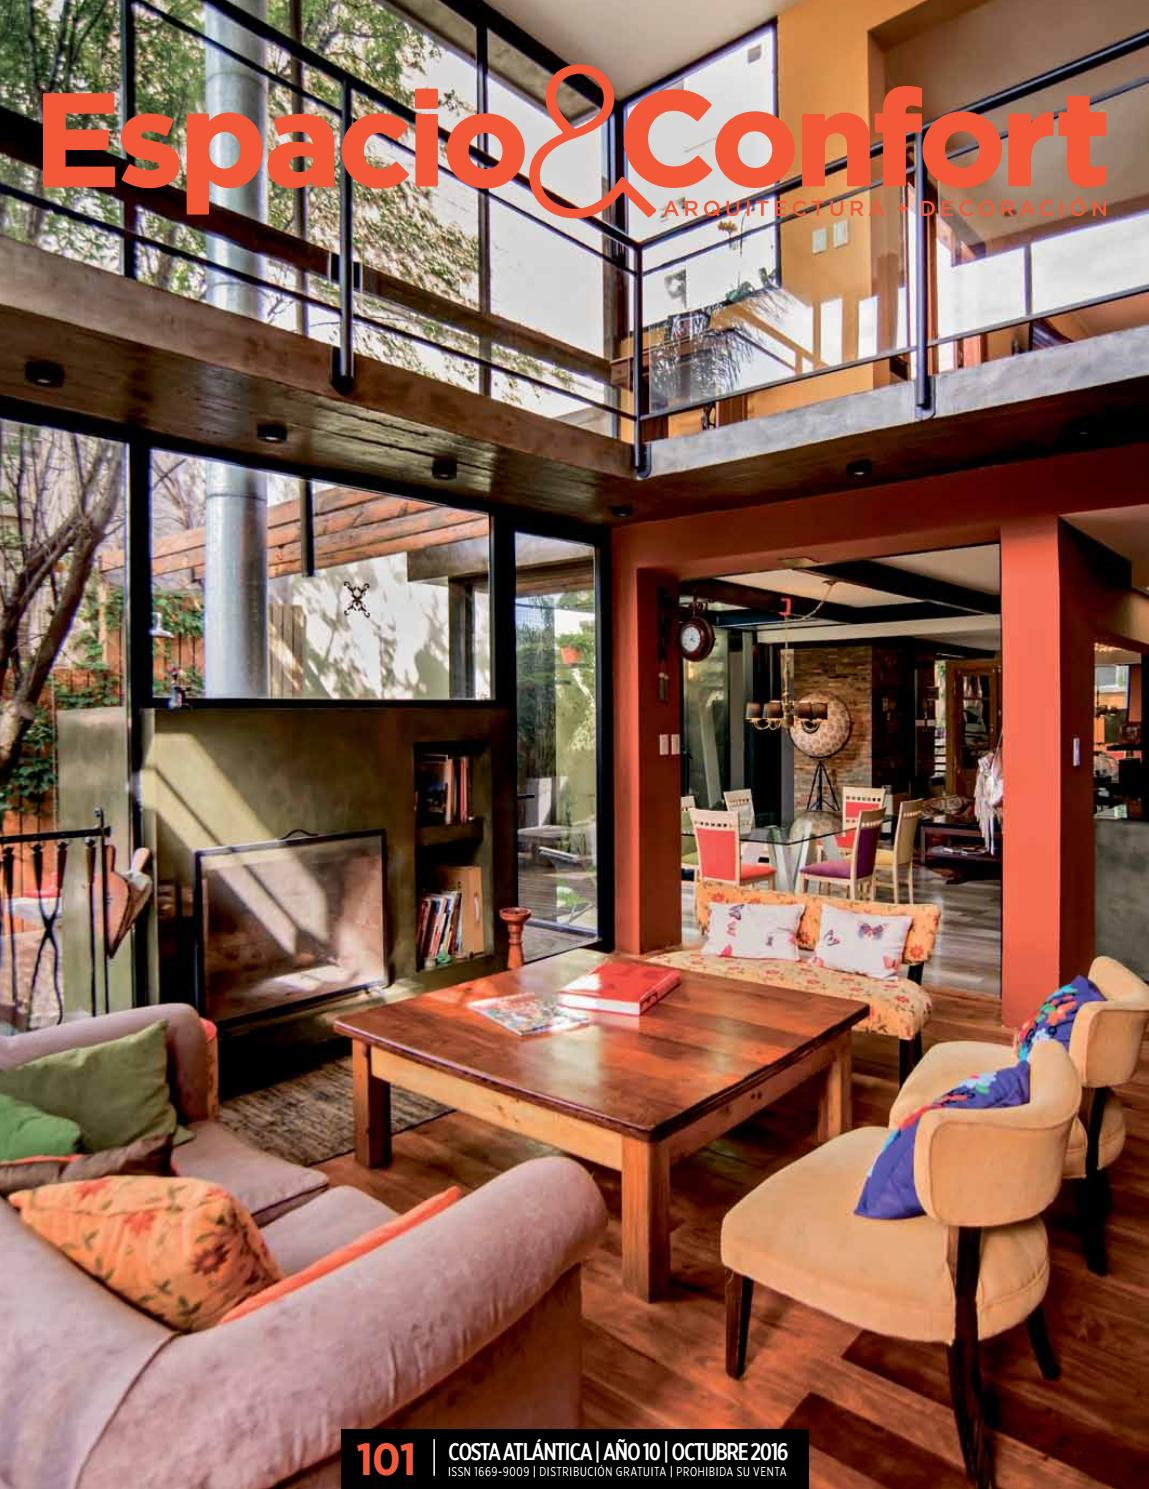 101 Costa Octubre 2016 By Revista Espacio Confort Arquitectura  # Muebles Luberto Mar Del Plata